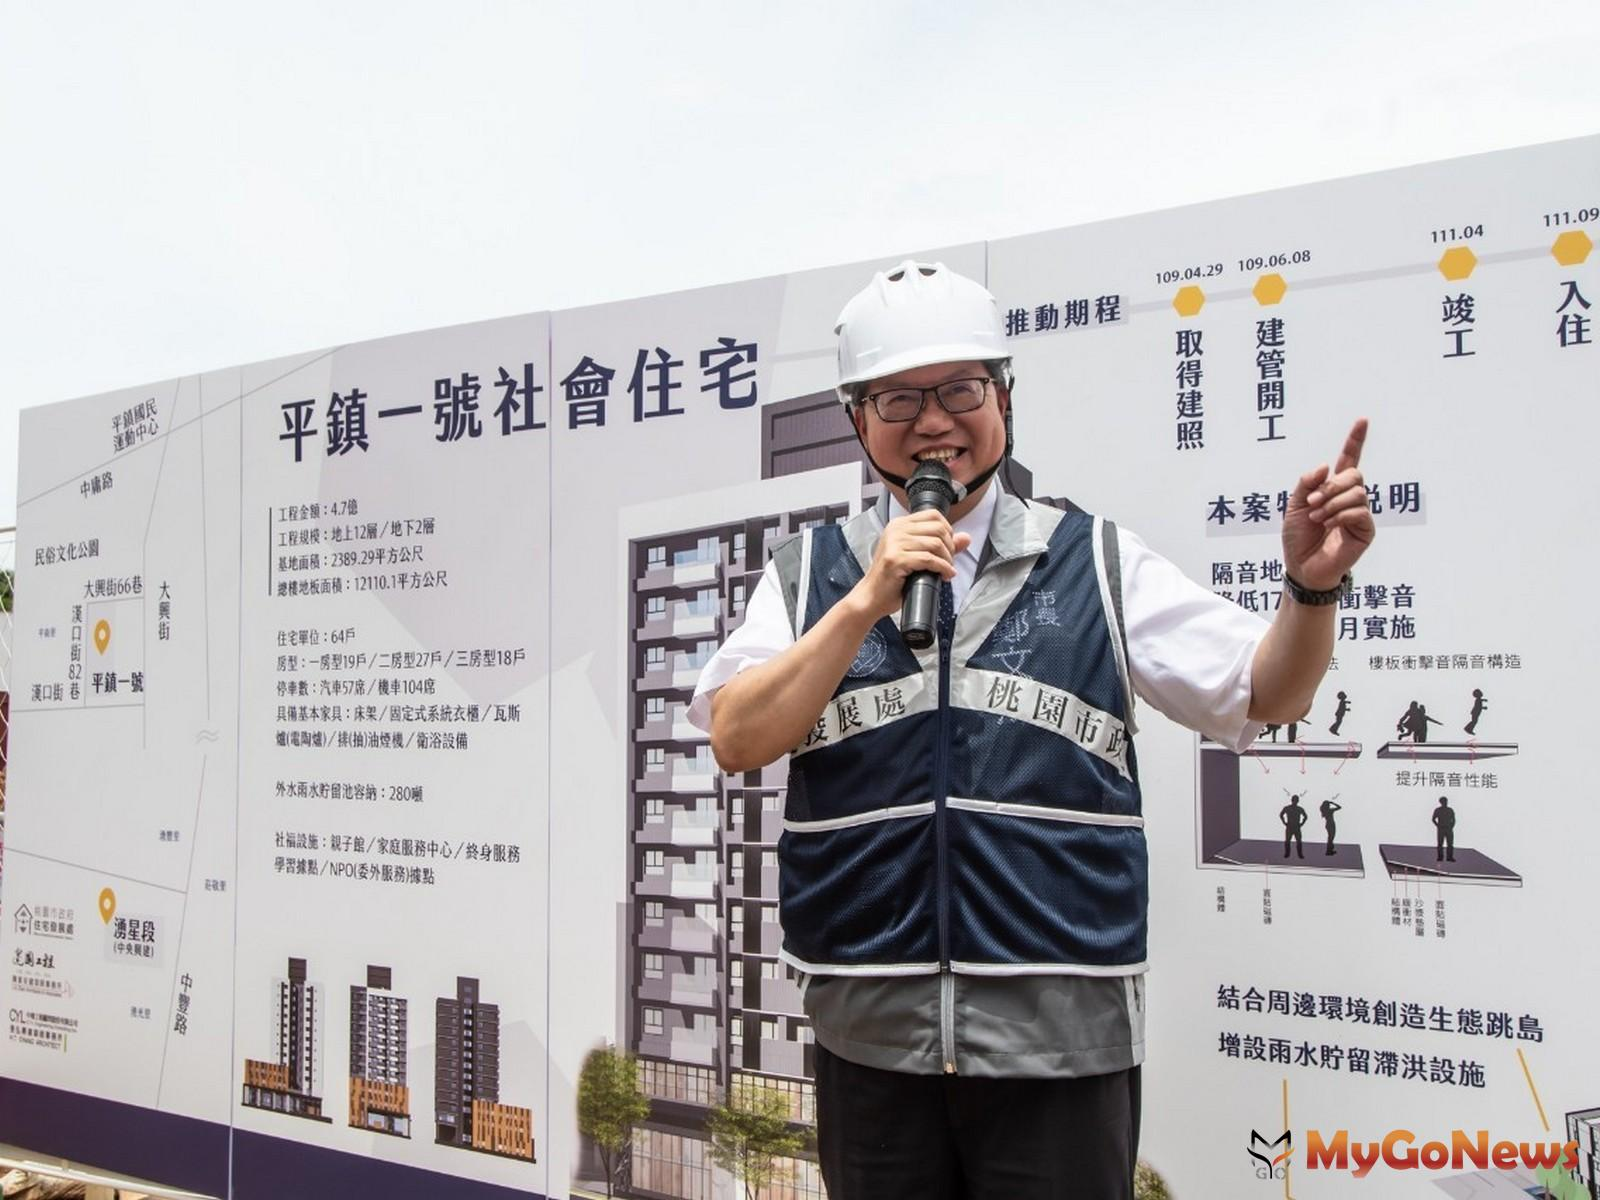 平鎮一號社宅2022年完工入住,結合多元服務打造優質的居住環境(圖:桃園市政府) MyGoNews房地產新聞 區域情報